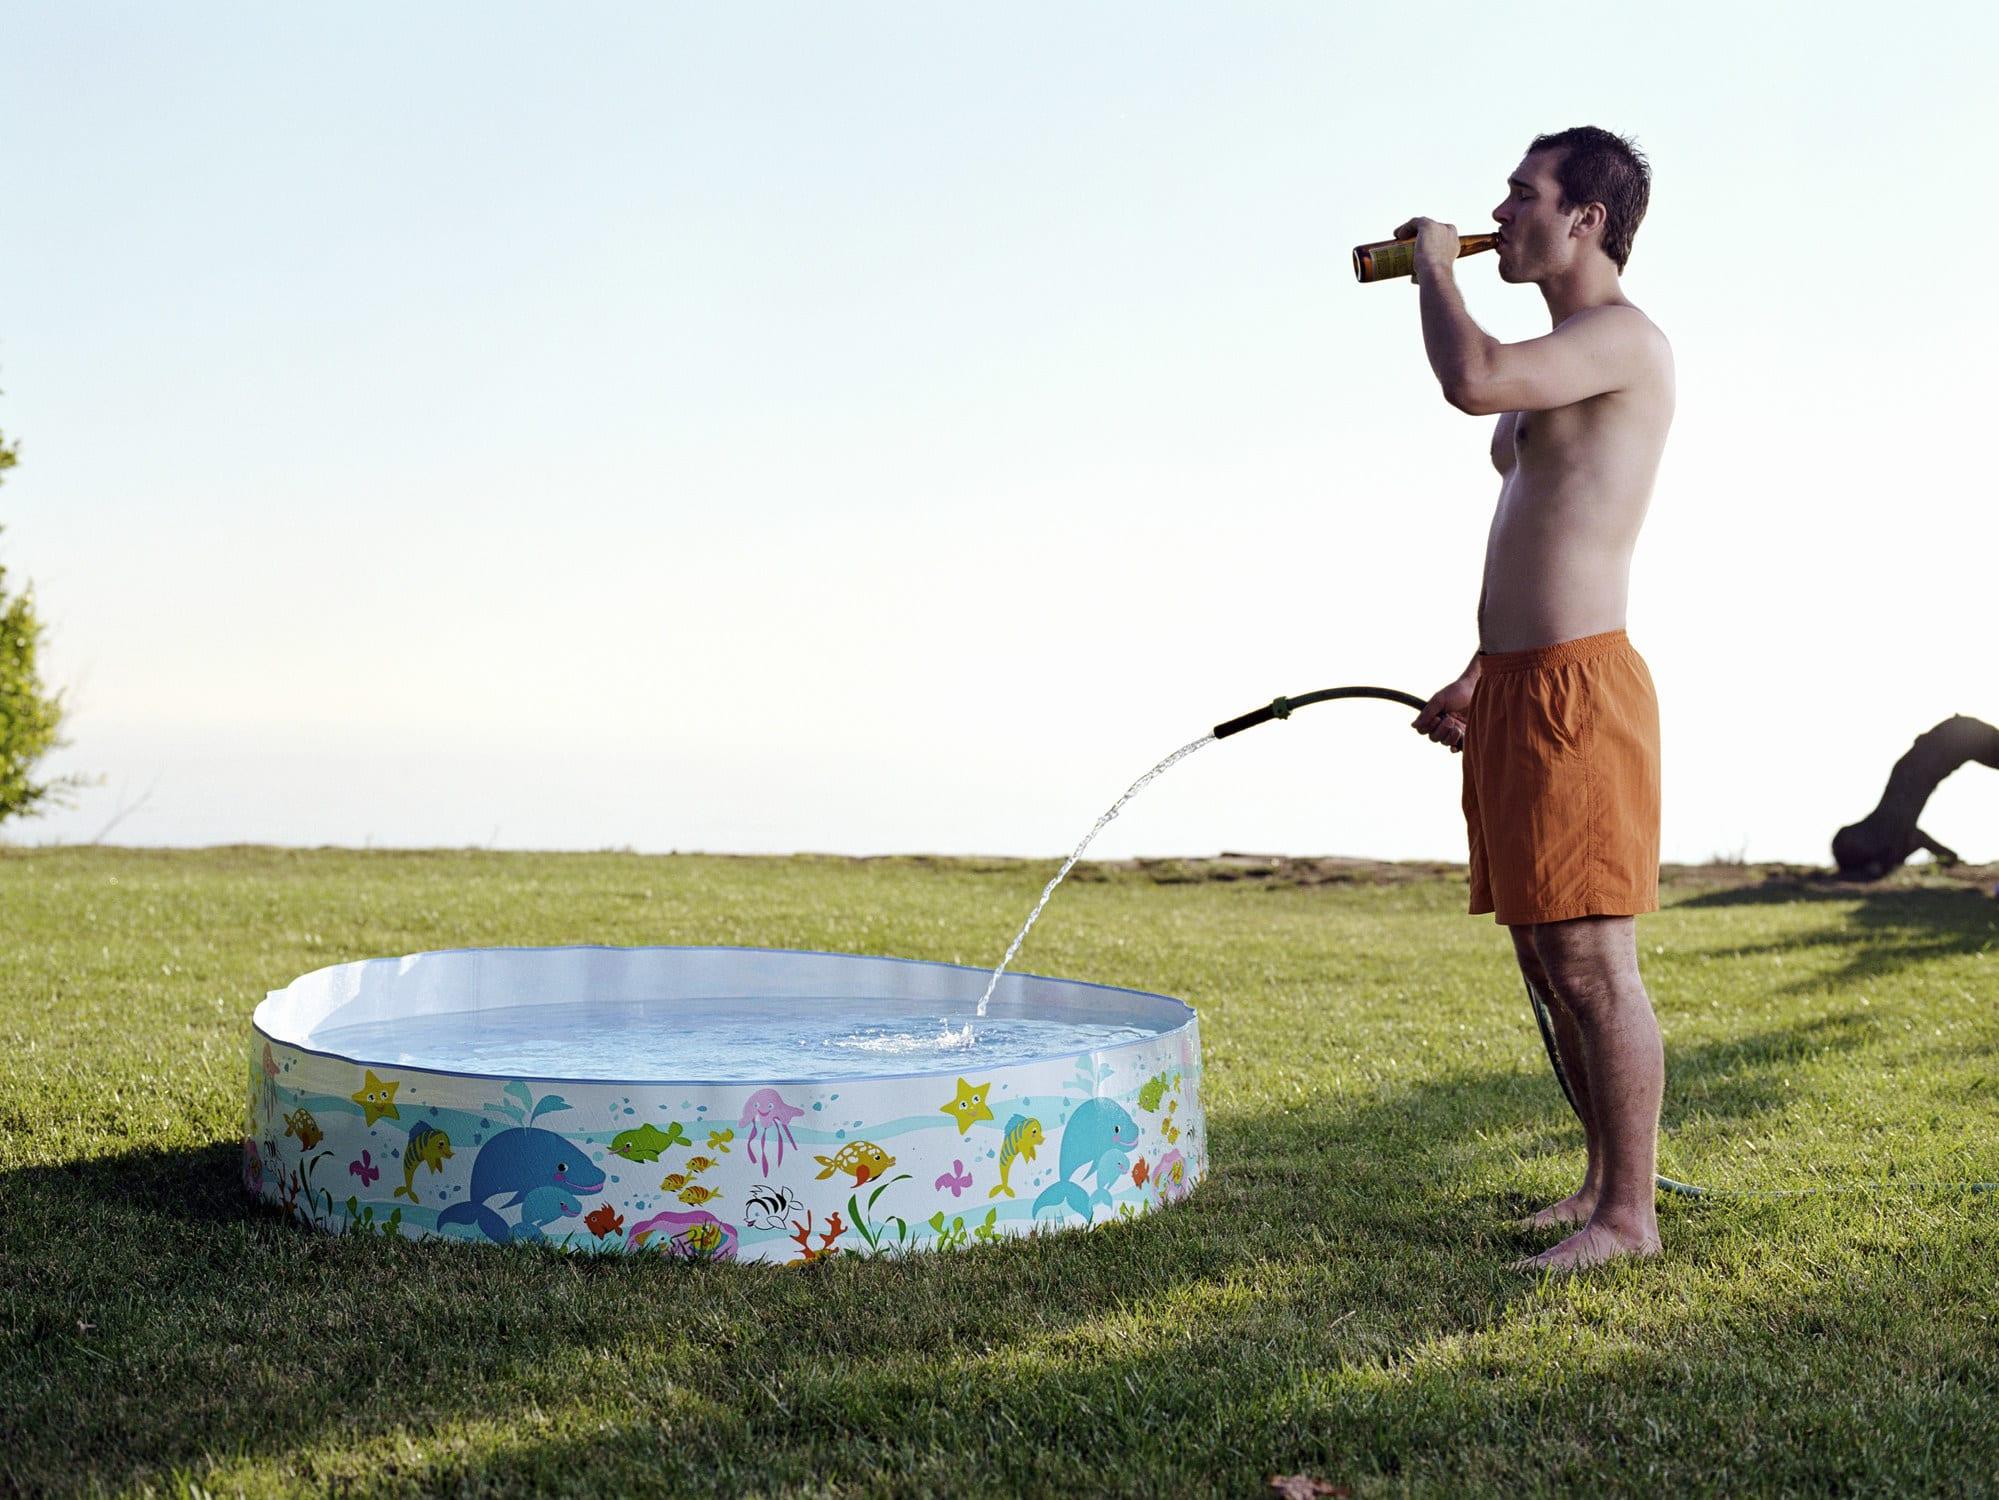 homem segurando uma mangueira na altura do quadril, enchendo uma piscina infantil